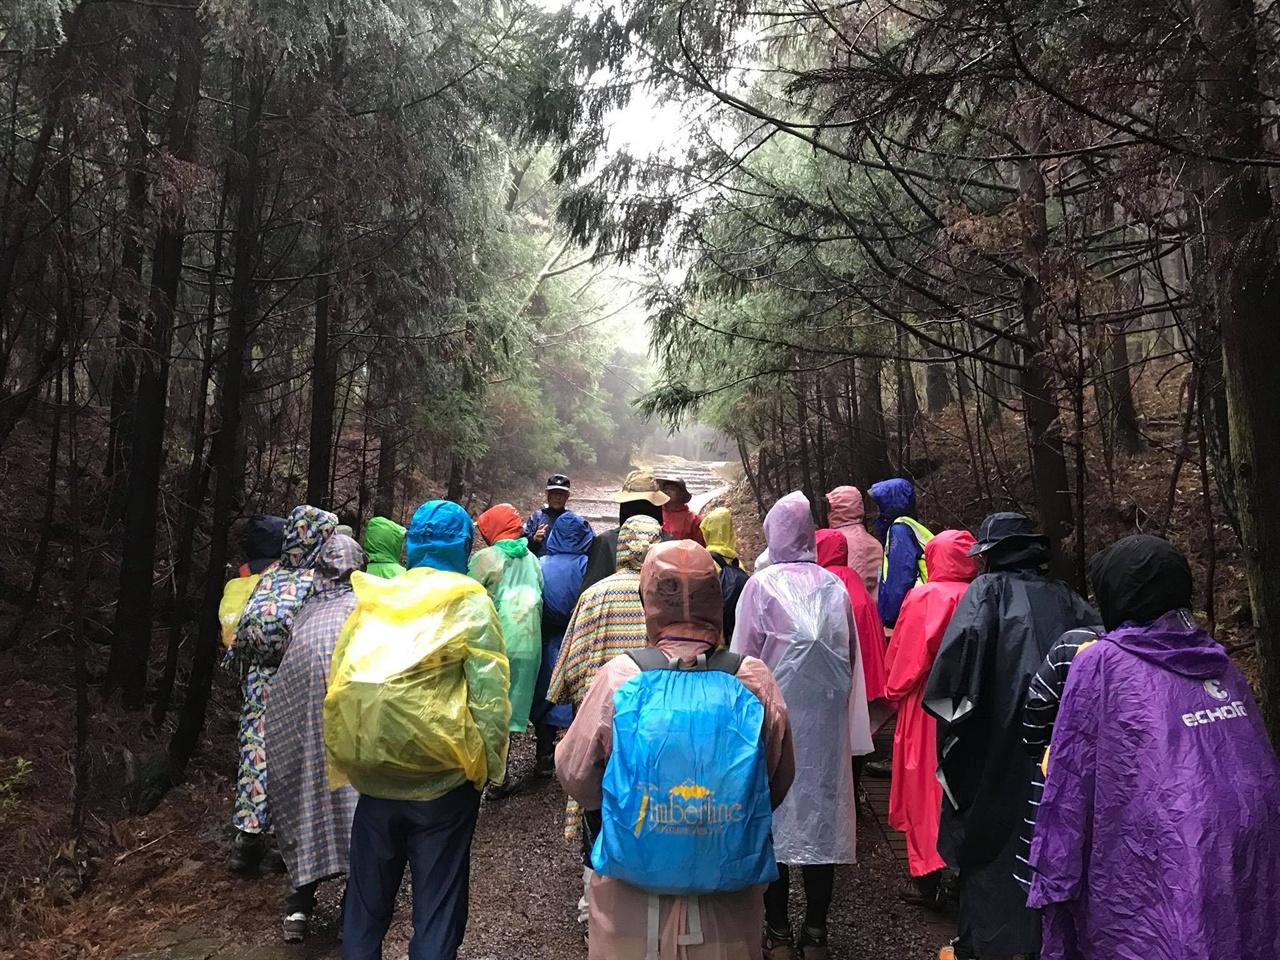 비오는 날의 숲속 녹색순례 참가단이 곶자왈을 걷는다